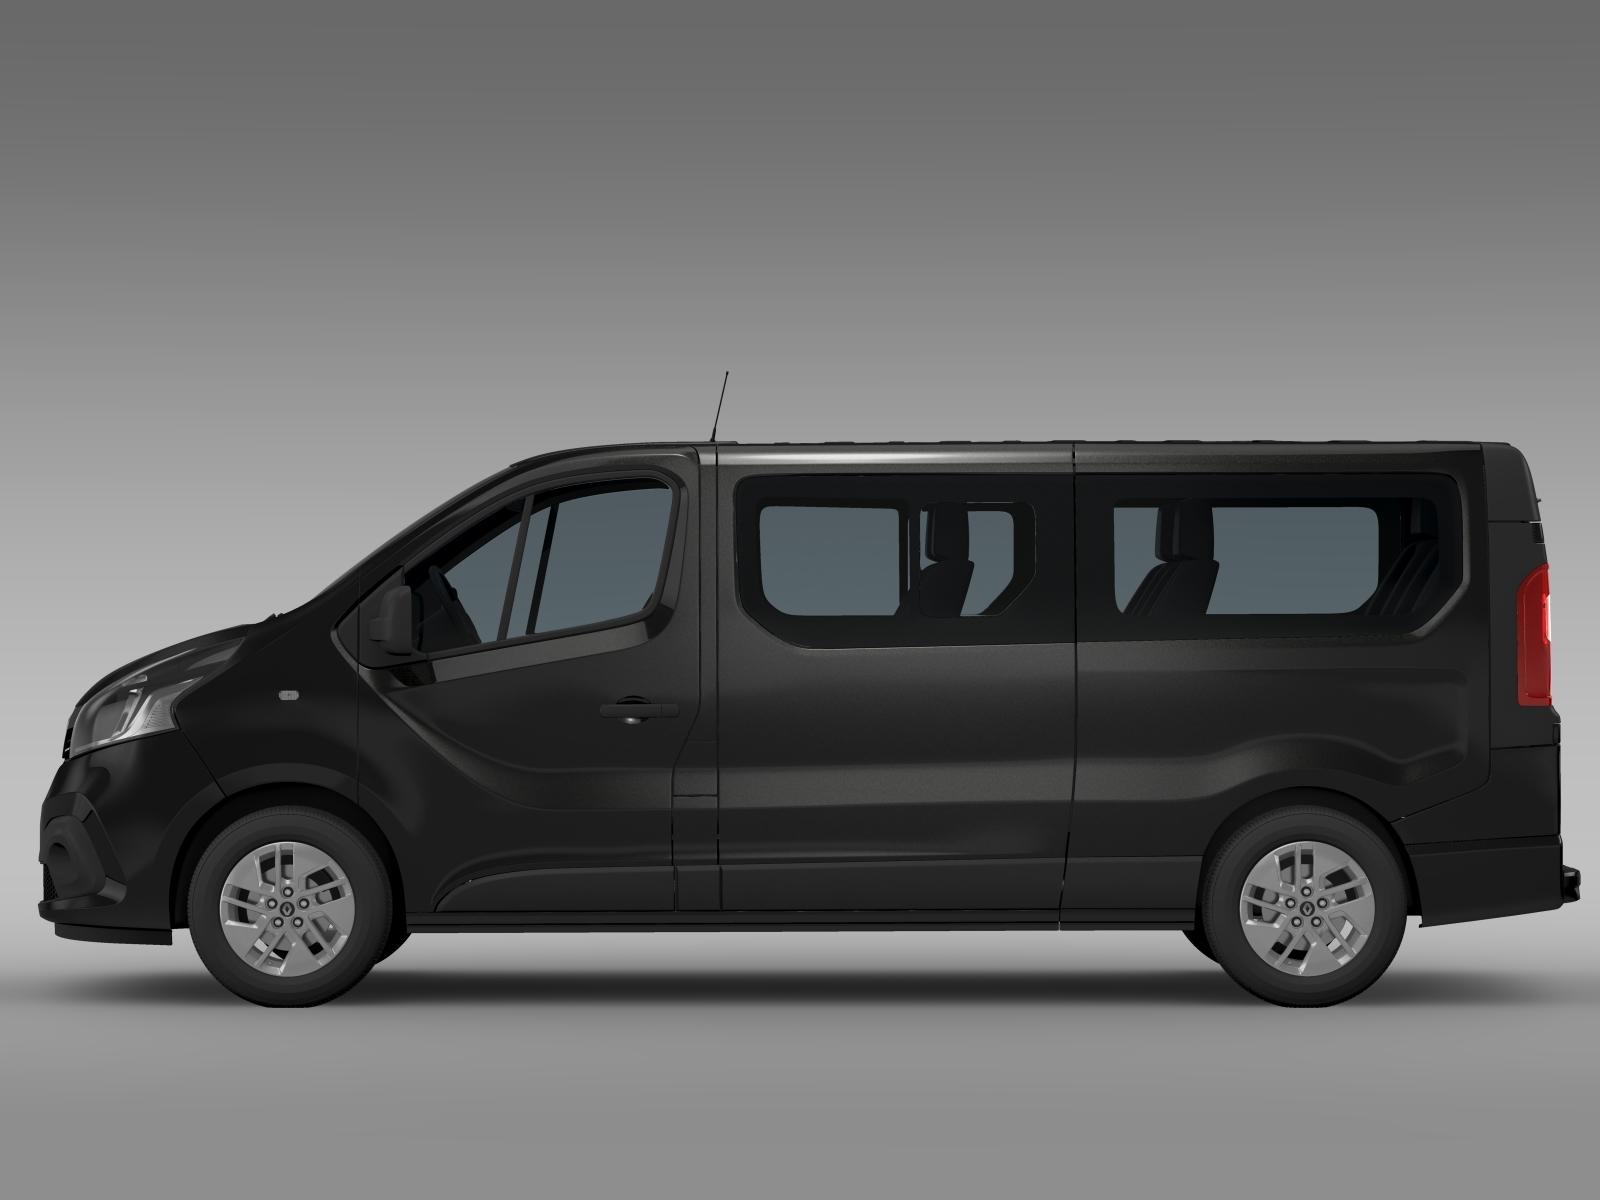 renault trafic minibus l2h1 2015 3d model. Black Bedroom Furniture Sets. Home Design Ideas